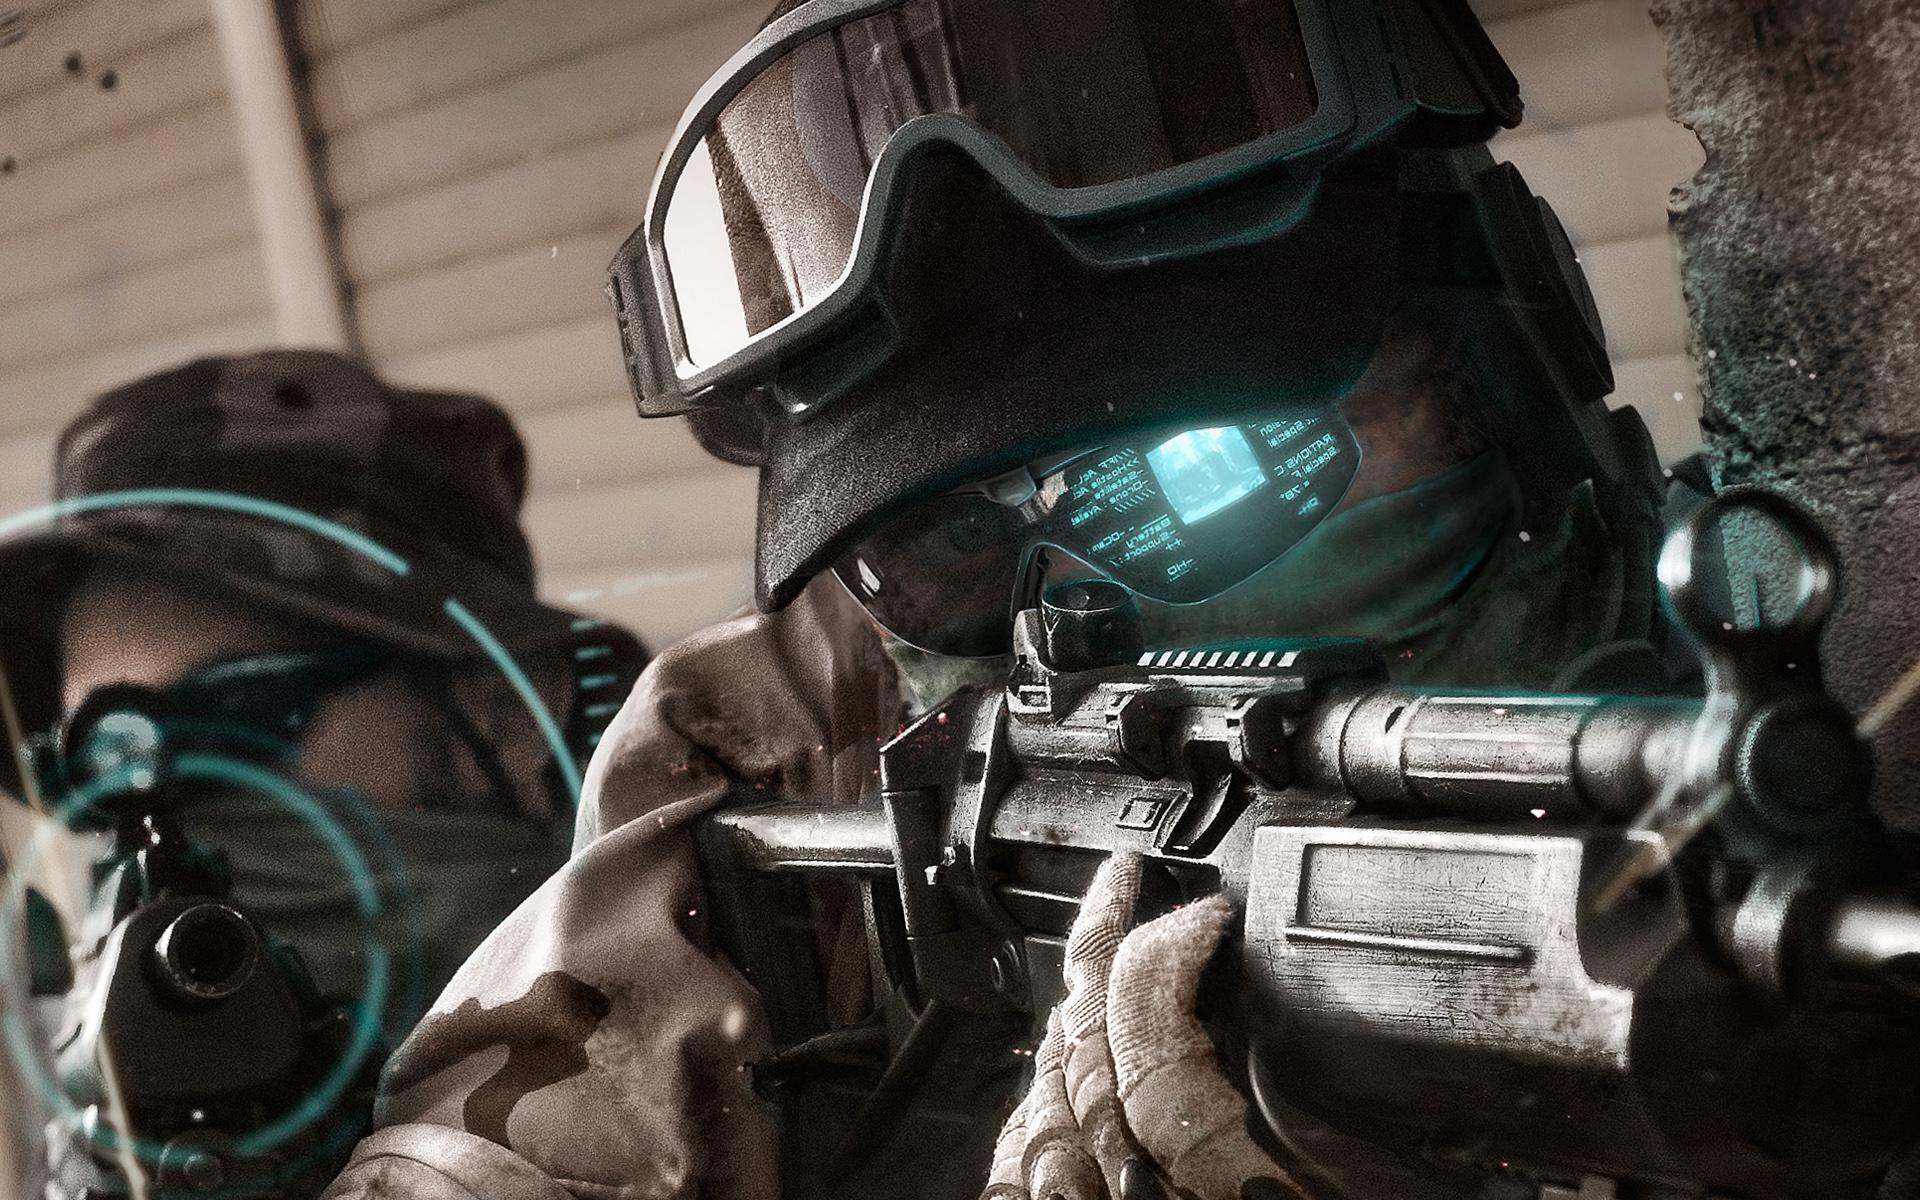 Кибер солдат, скачать фото, обои для рабочего стола, cyber future soldat wallpaper, солдат будущего, фантастика